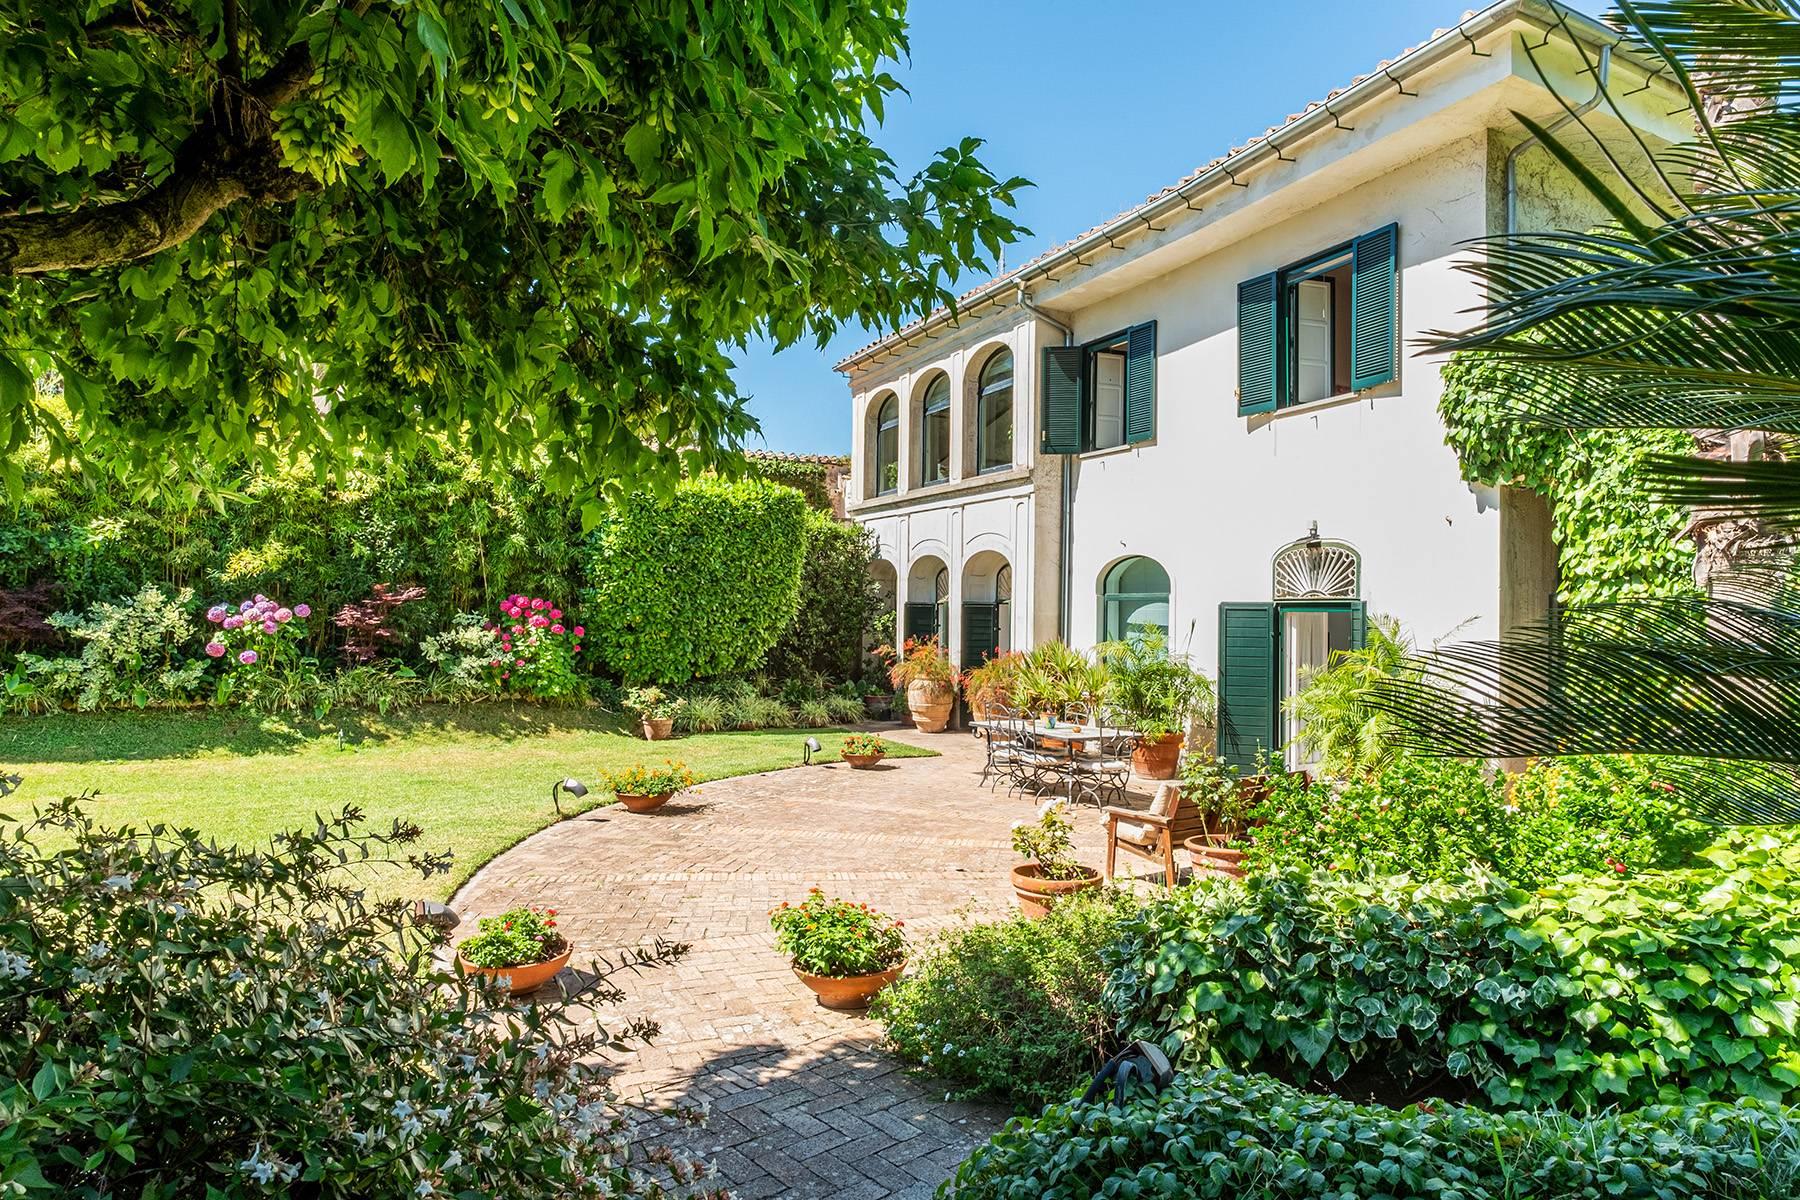 Casa indipendente in Vendita a Vietri Sul Mare via madonna degli angeli